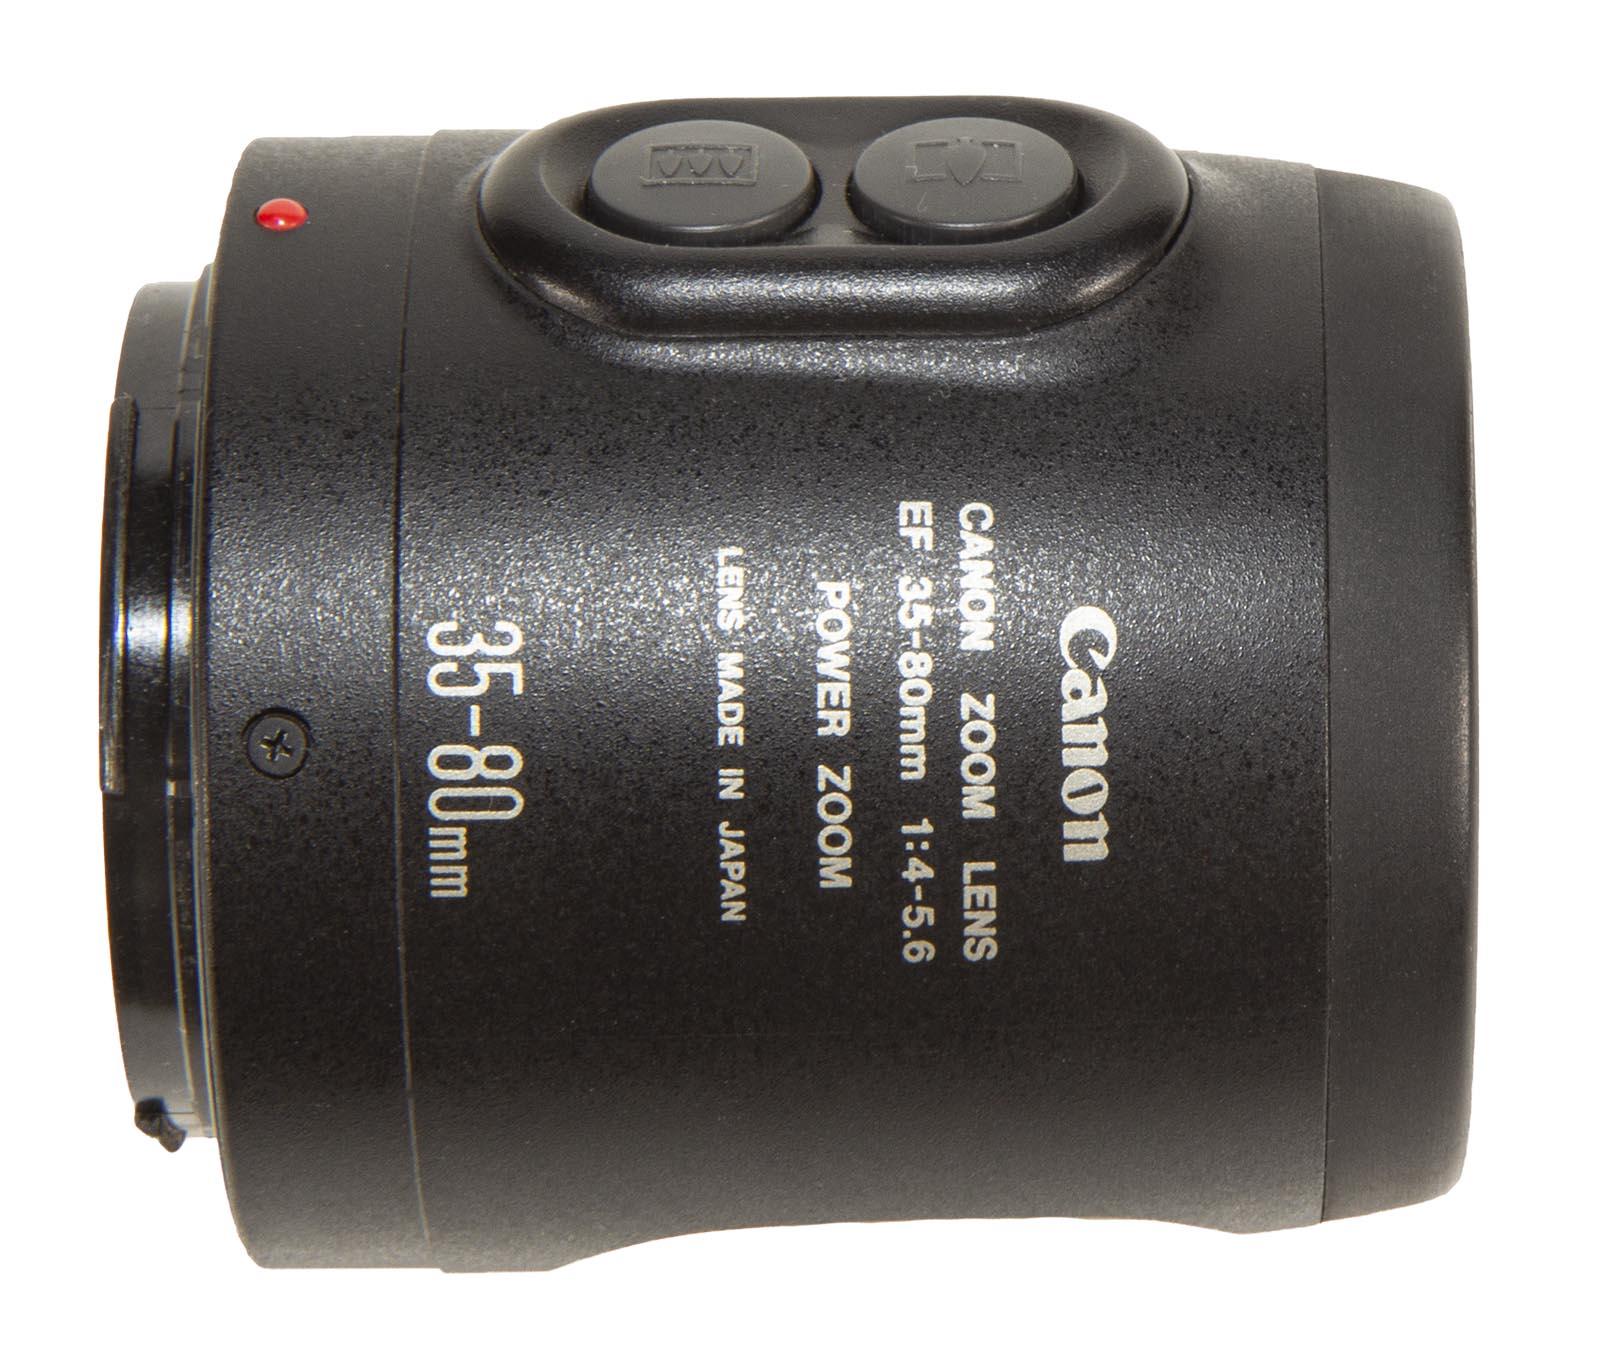 EF 35-80mm f/4-5.6 PZ